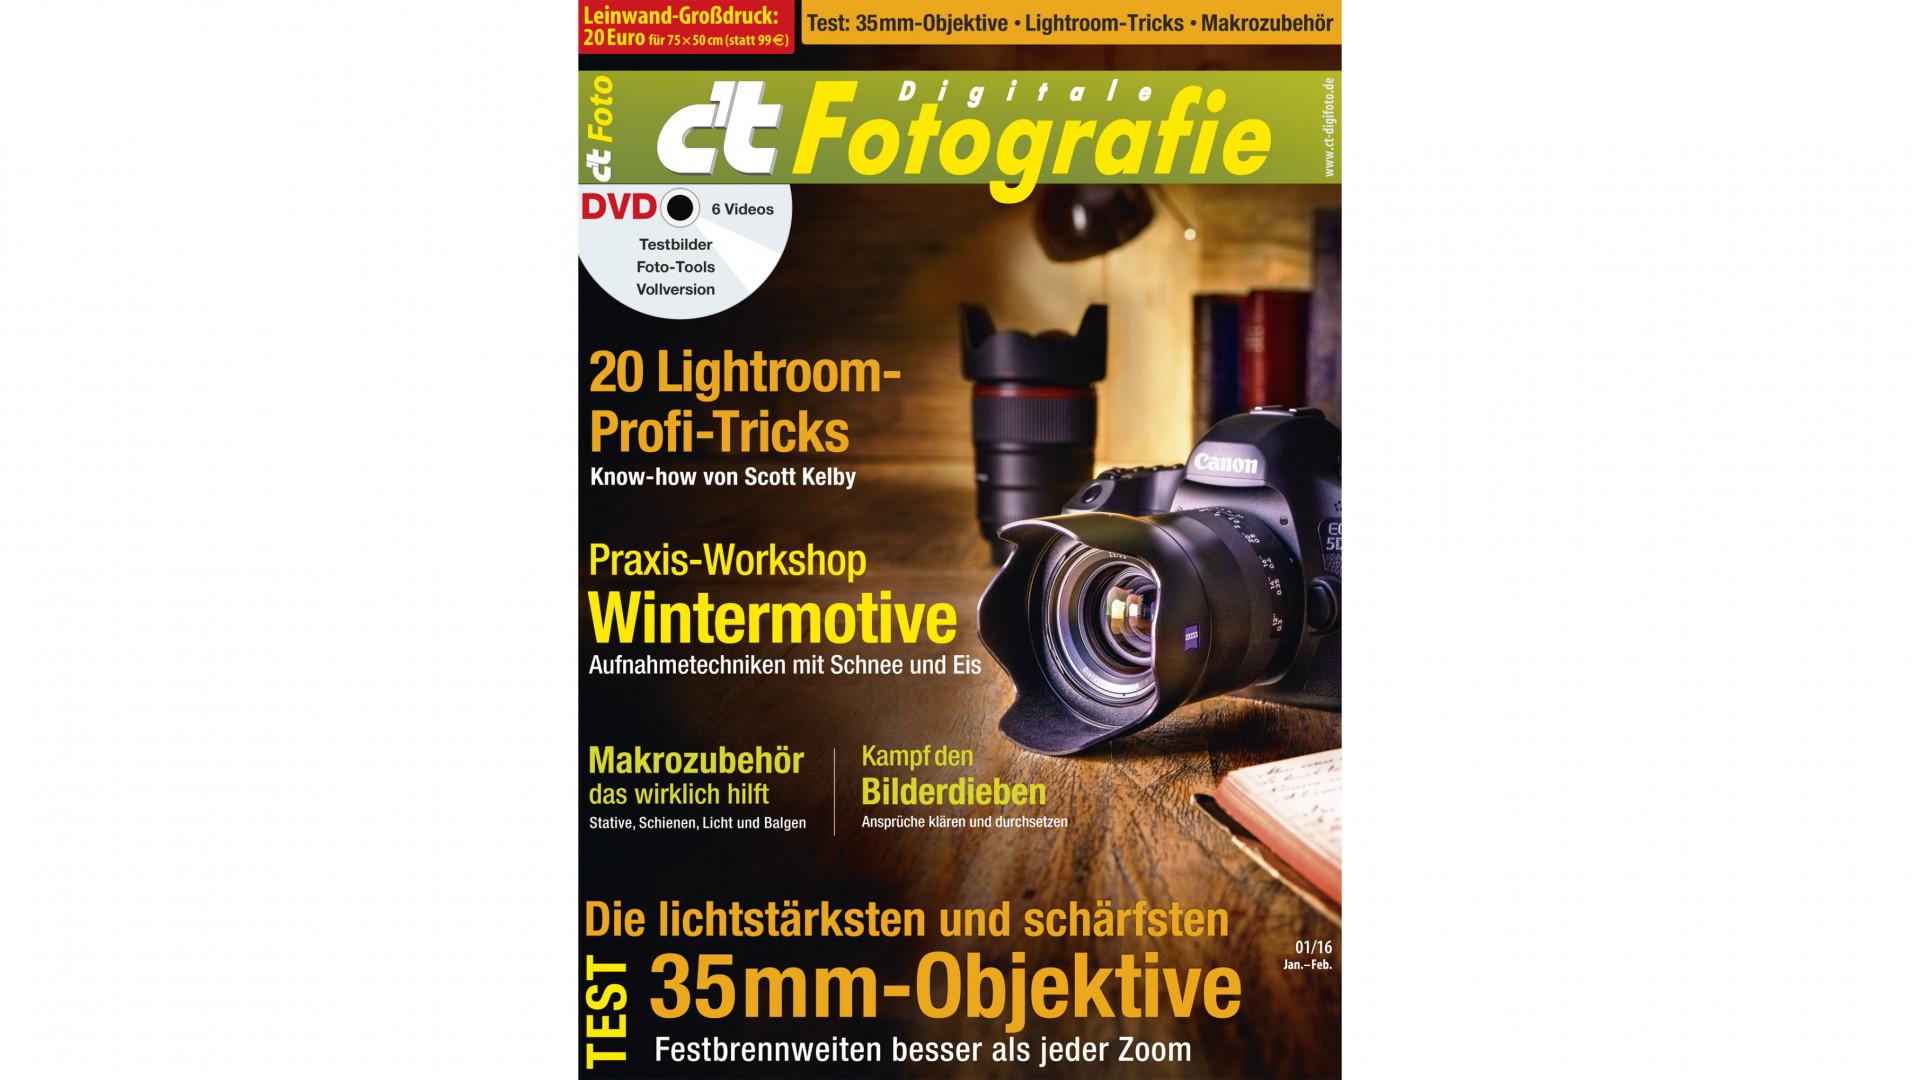 c't Digitale Fotografie: 35-mm-Festbrennweiten für höchste Ansprüche